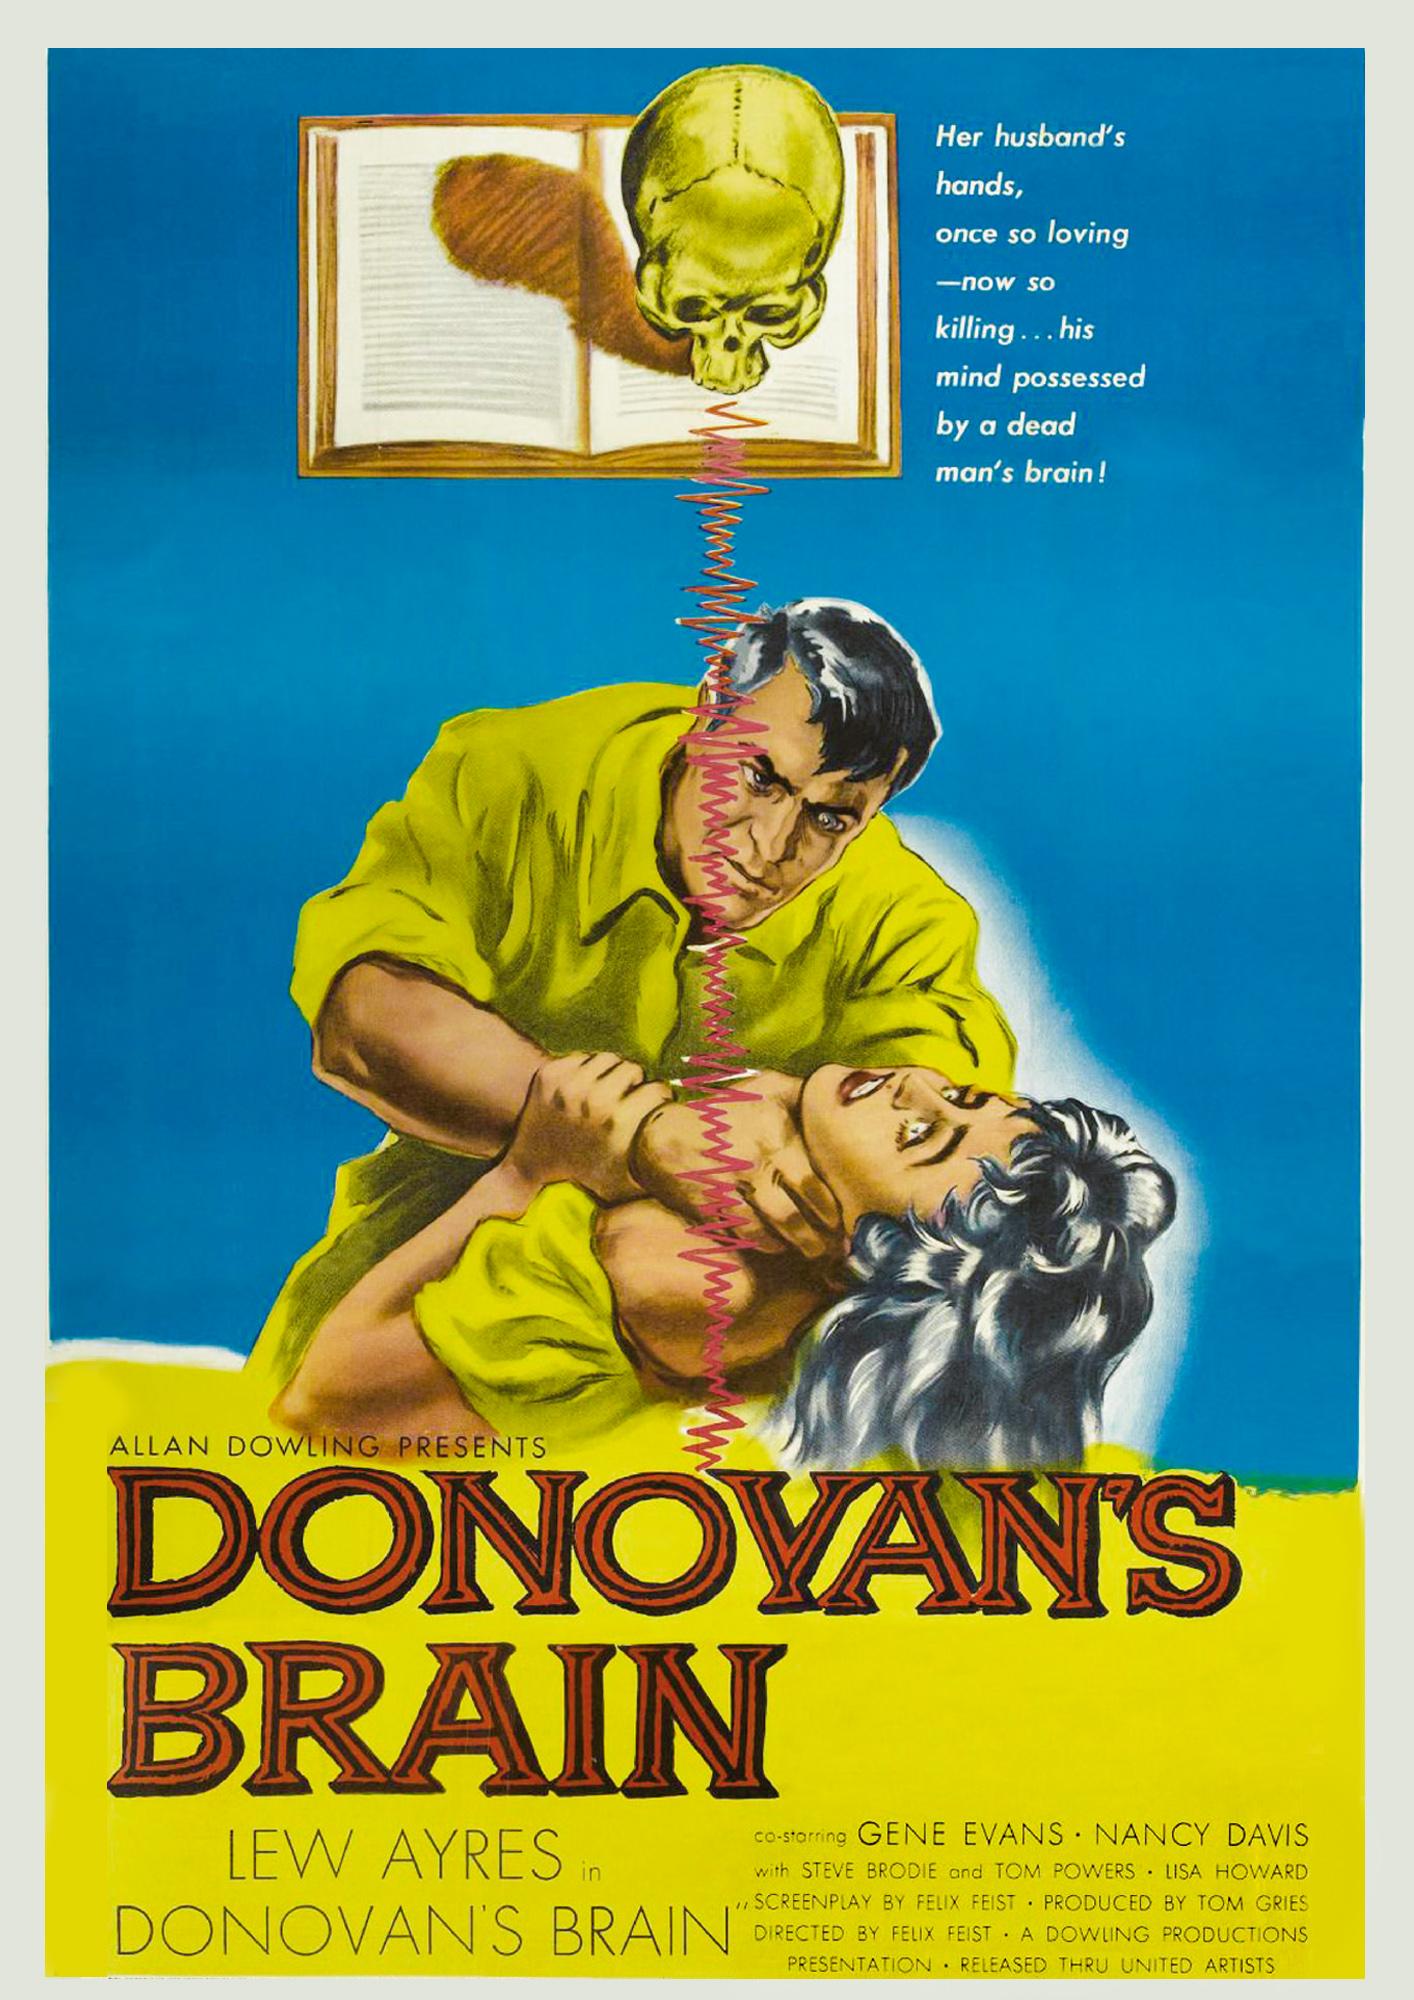 FGG02_Donovan